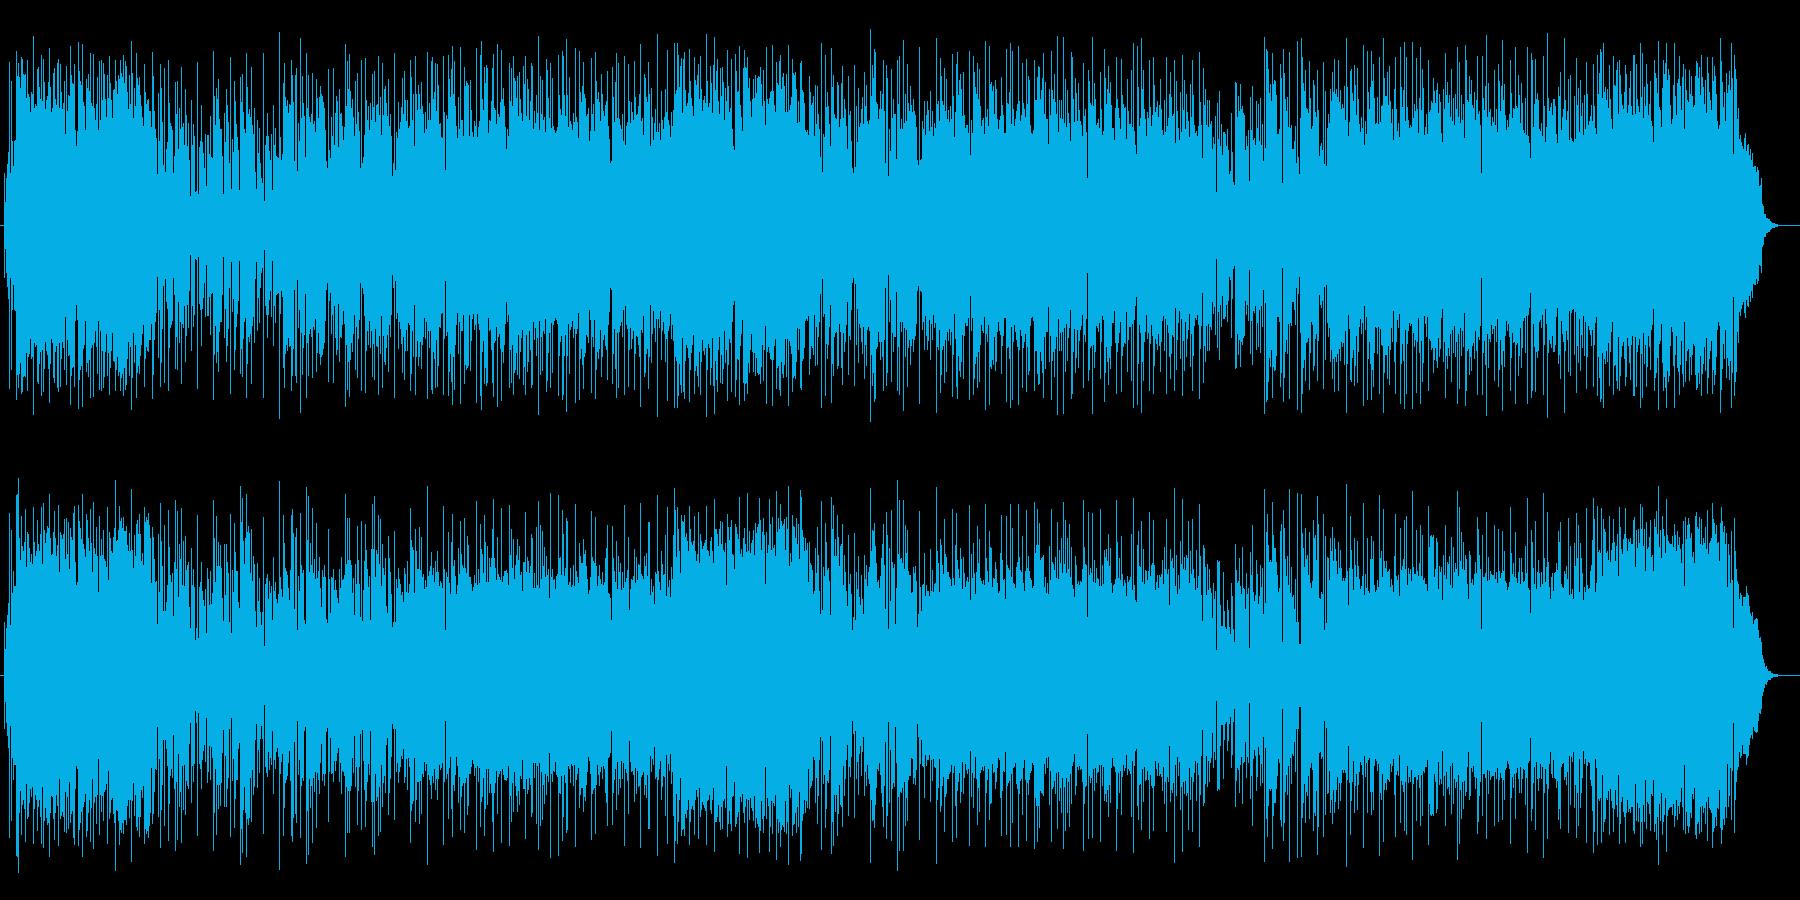 青空のようなピアノが冴えるポップスの再生済みの波形